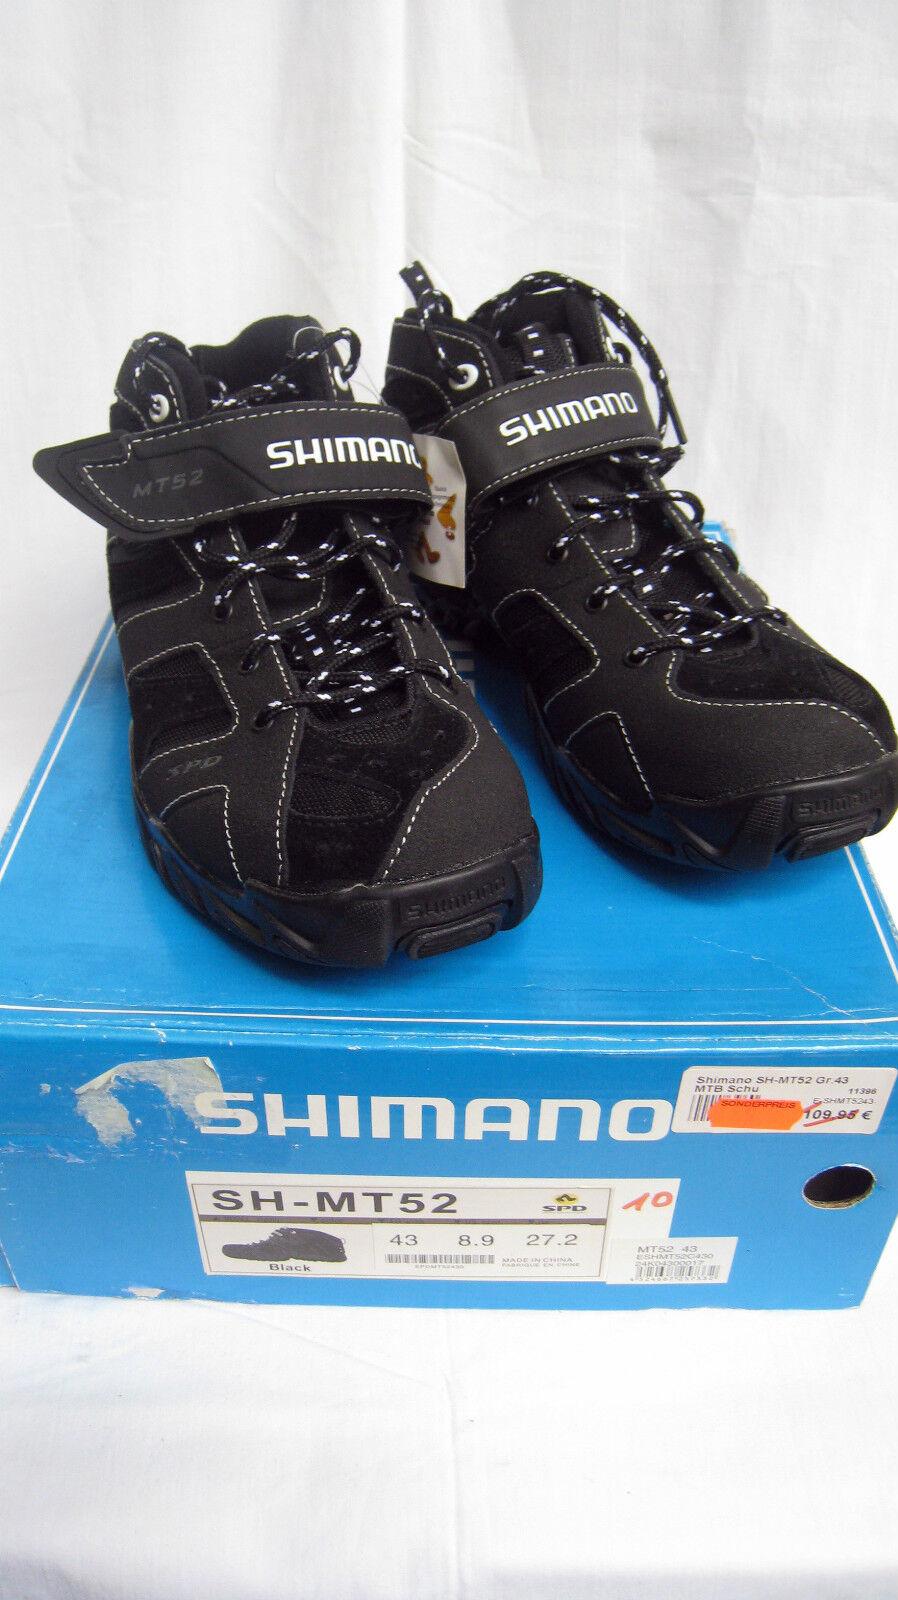 Shimano SH MT 52 MTB Scarpe da uomo, bicicletta calzature, cuoio, NERO mis. 38